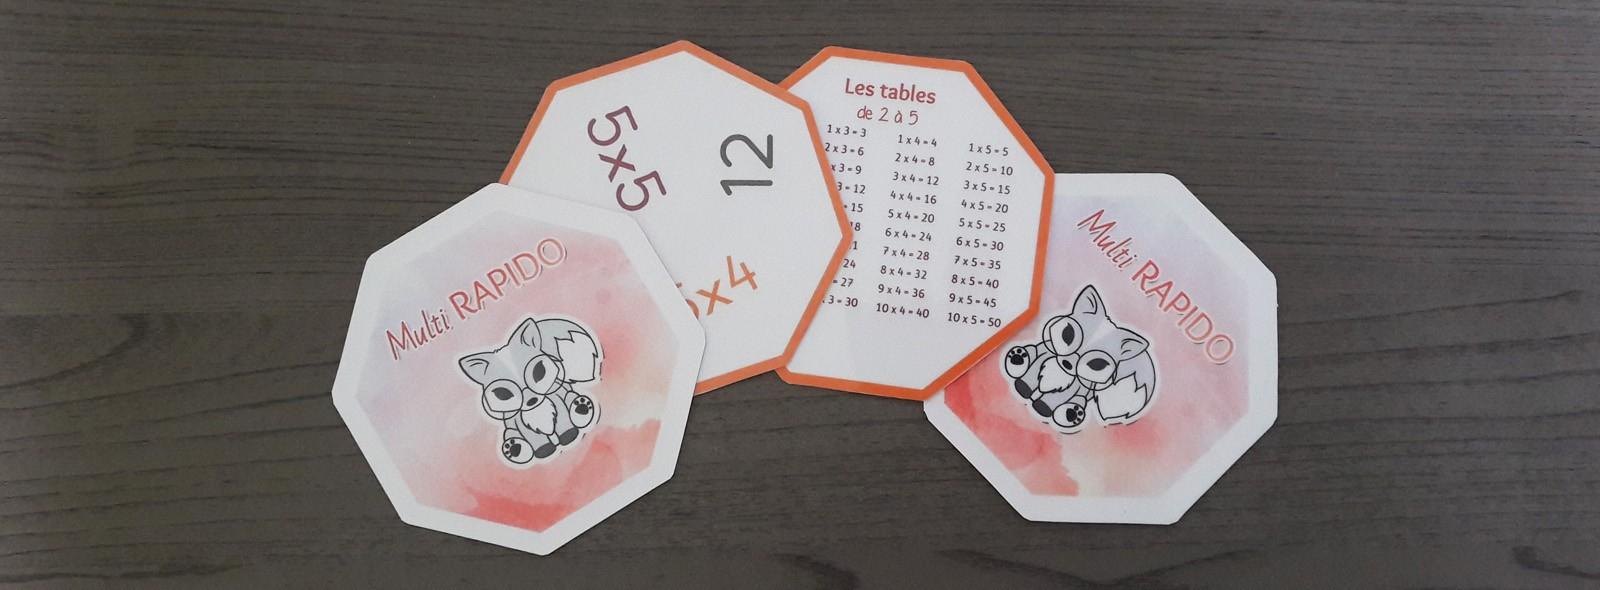 Multi Rapido - Jeu Dobble Des Multiplications - La Tanière intérieur Tables De Multiplication Jeux À Imprimer